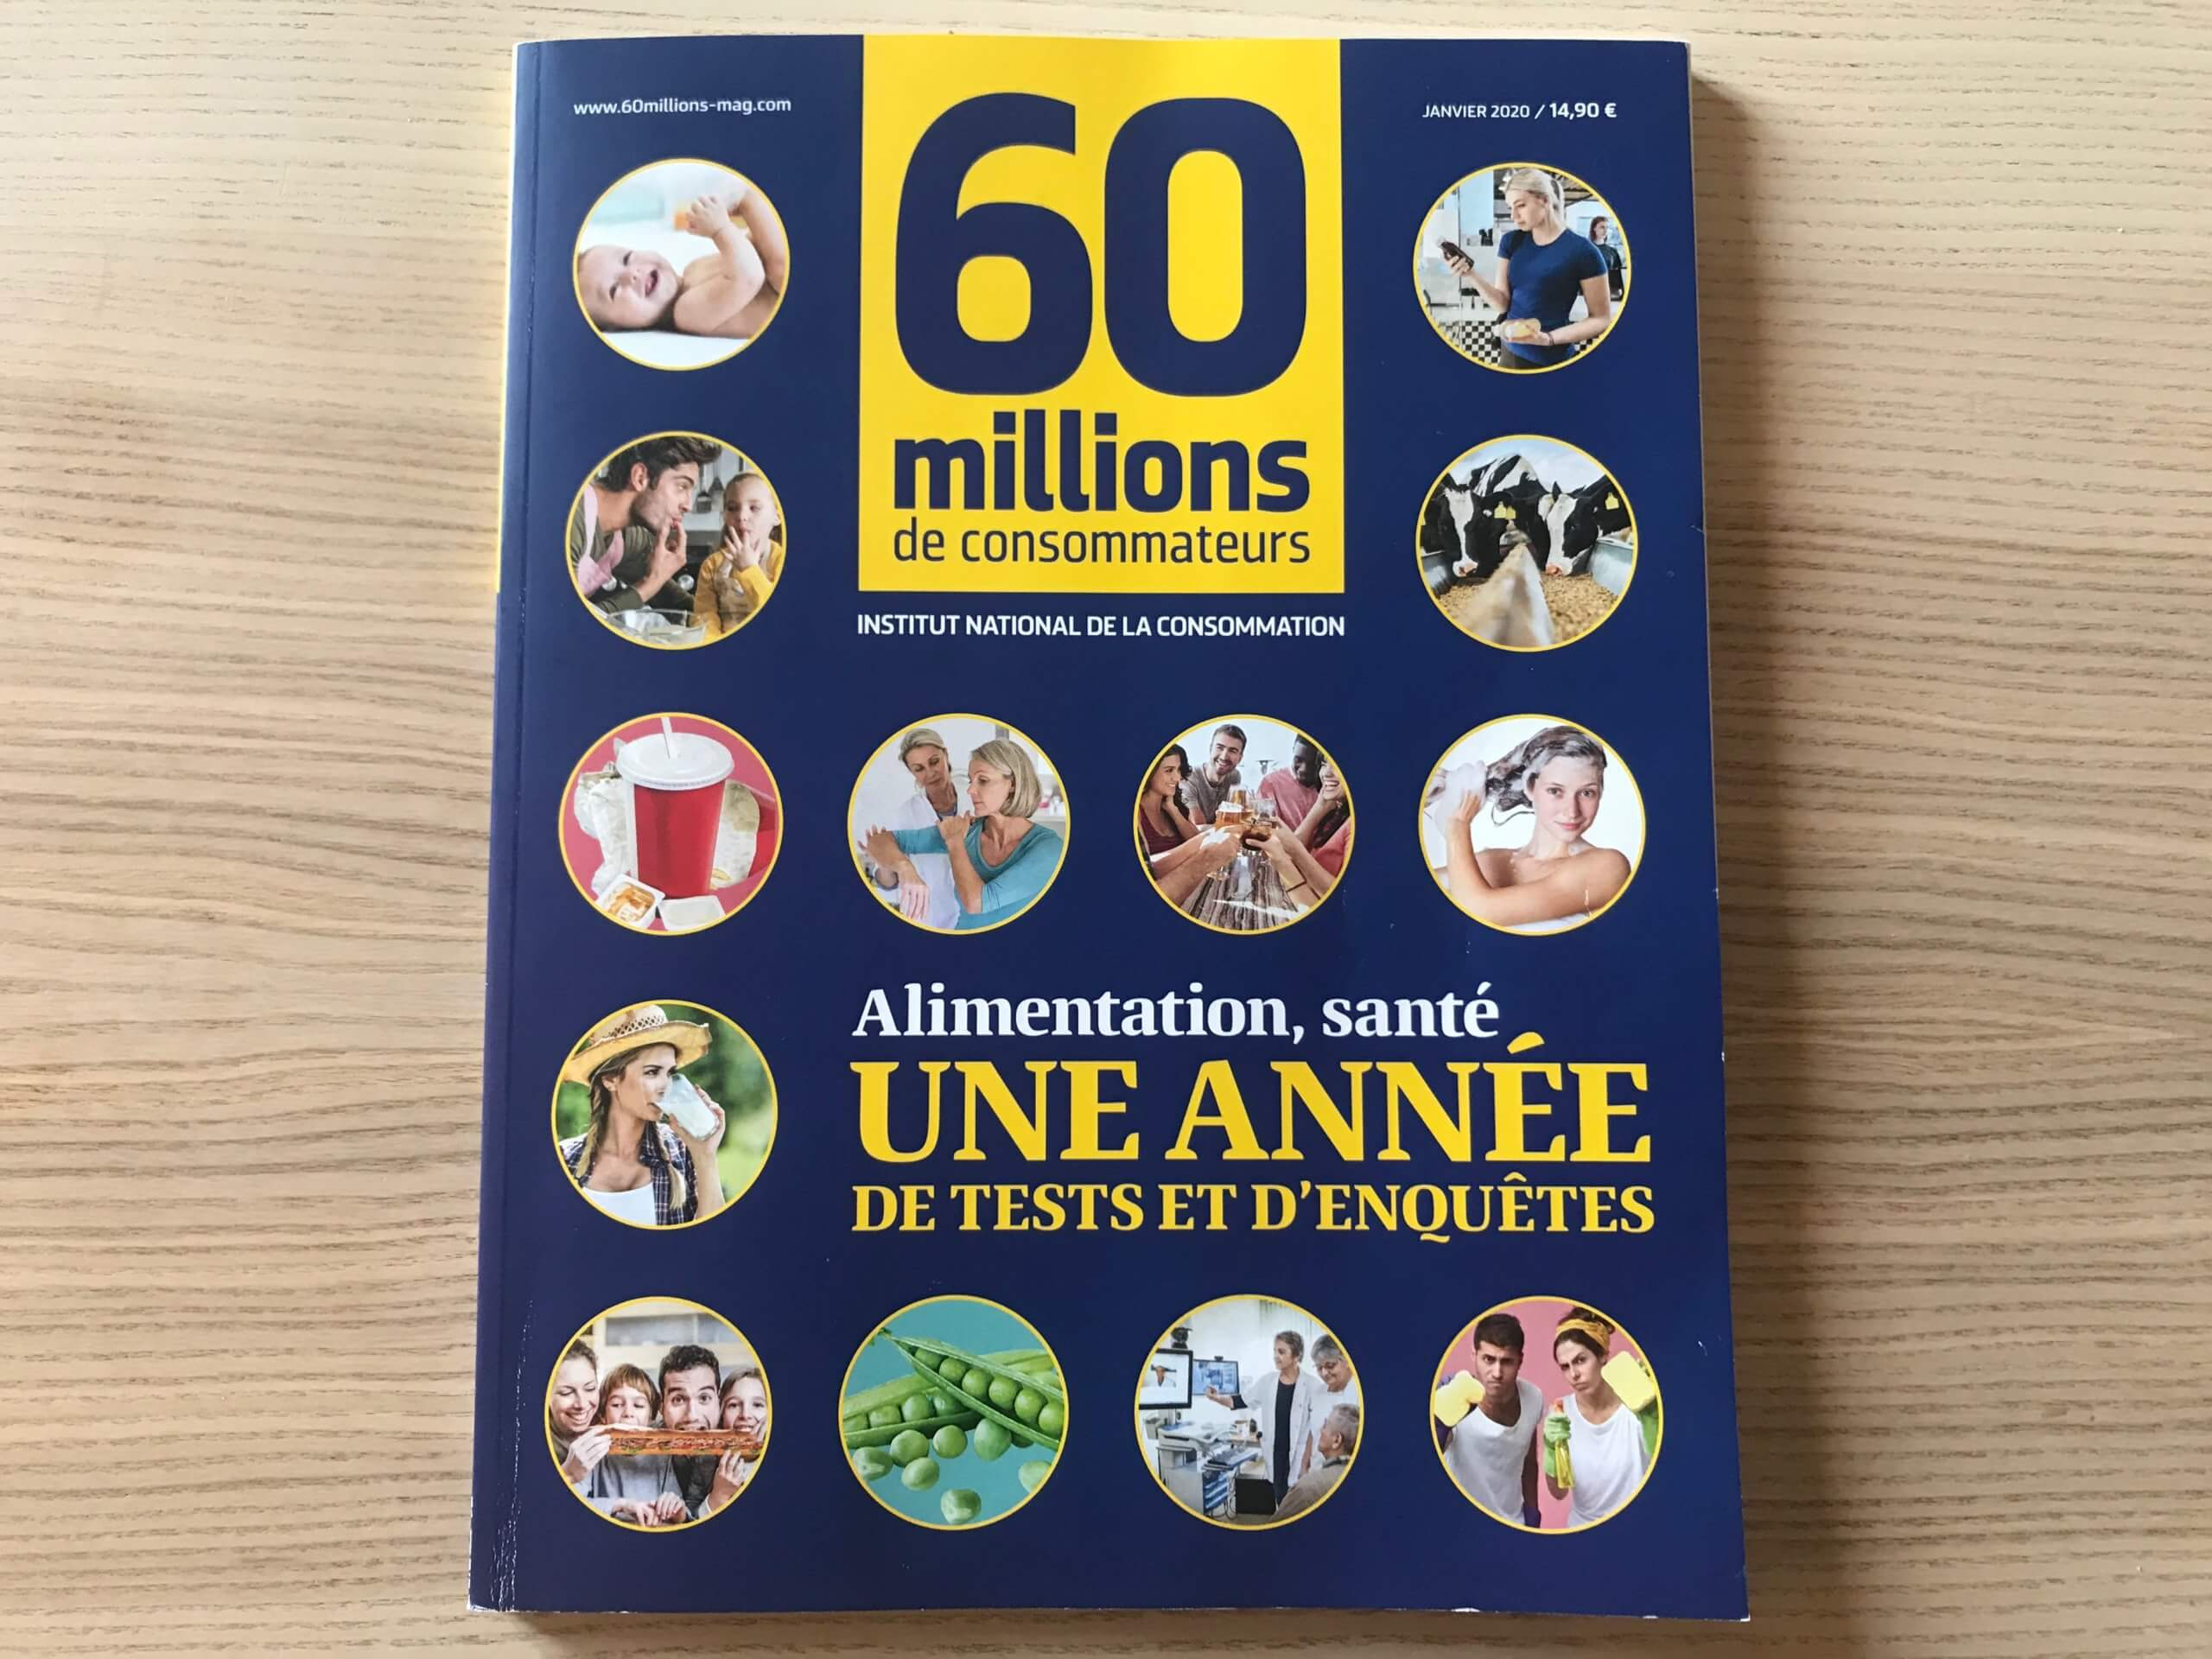 60万人の消費者 フランス 紙おむつ おすすめ 安全 ランキング